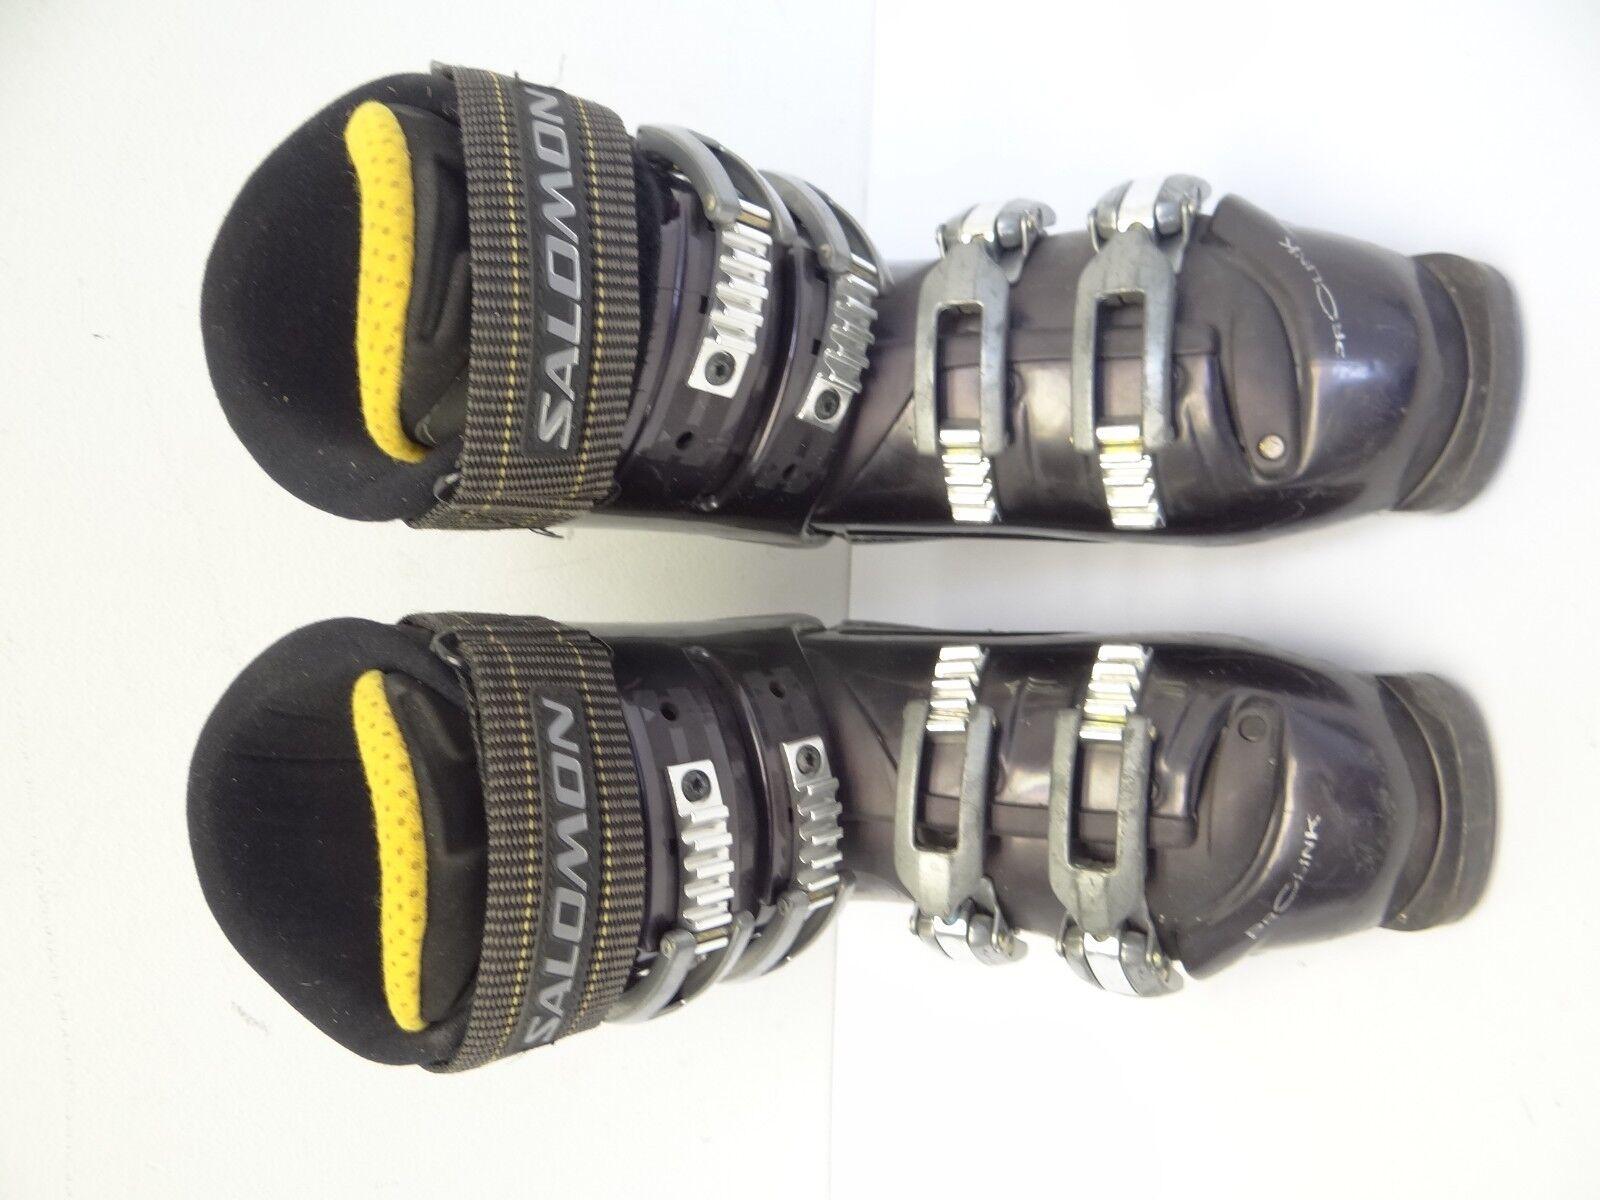 Gebraucht Salomon Prolink Axt Us Technologie Damen Us Axt Größe 6 Ski Stiefel bdd0aa